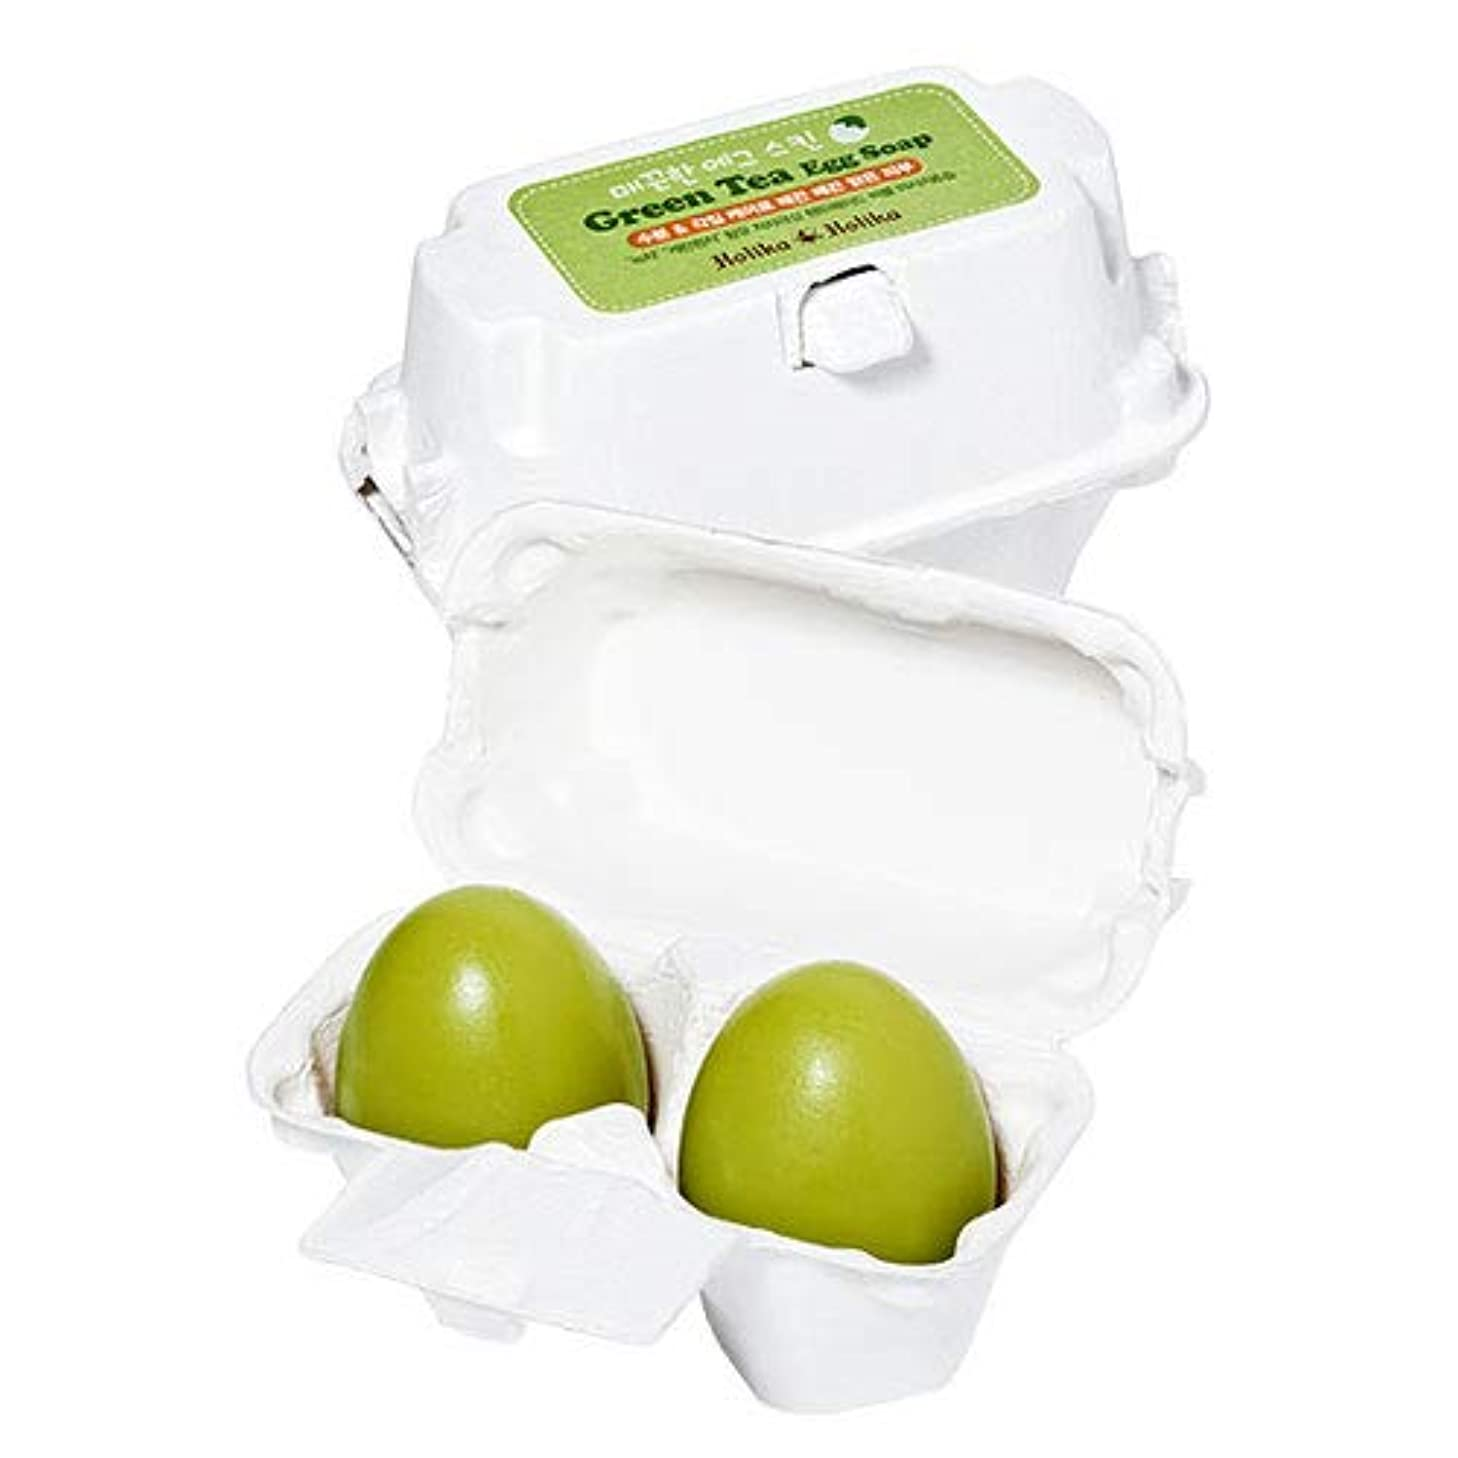 宣言する前パフ[緑茶/Green Tea] Holika Holika Egg Skin Egg Soap ホリカホリカ エッグスキン エッグソープ (50g*2個) [並行輸入品]